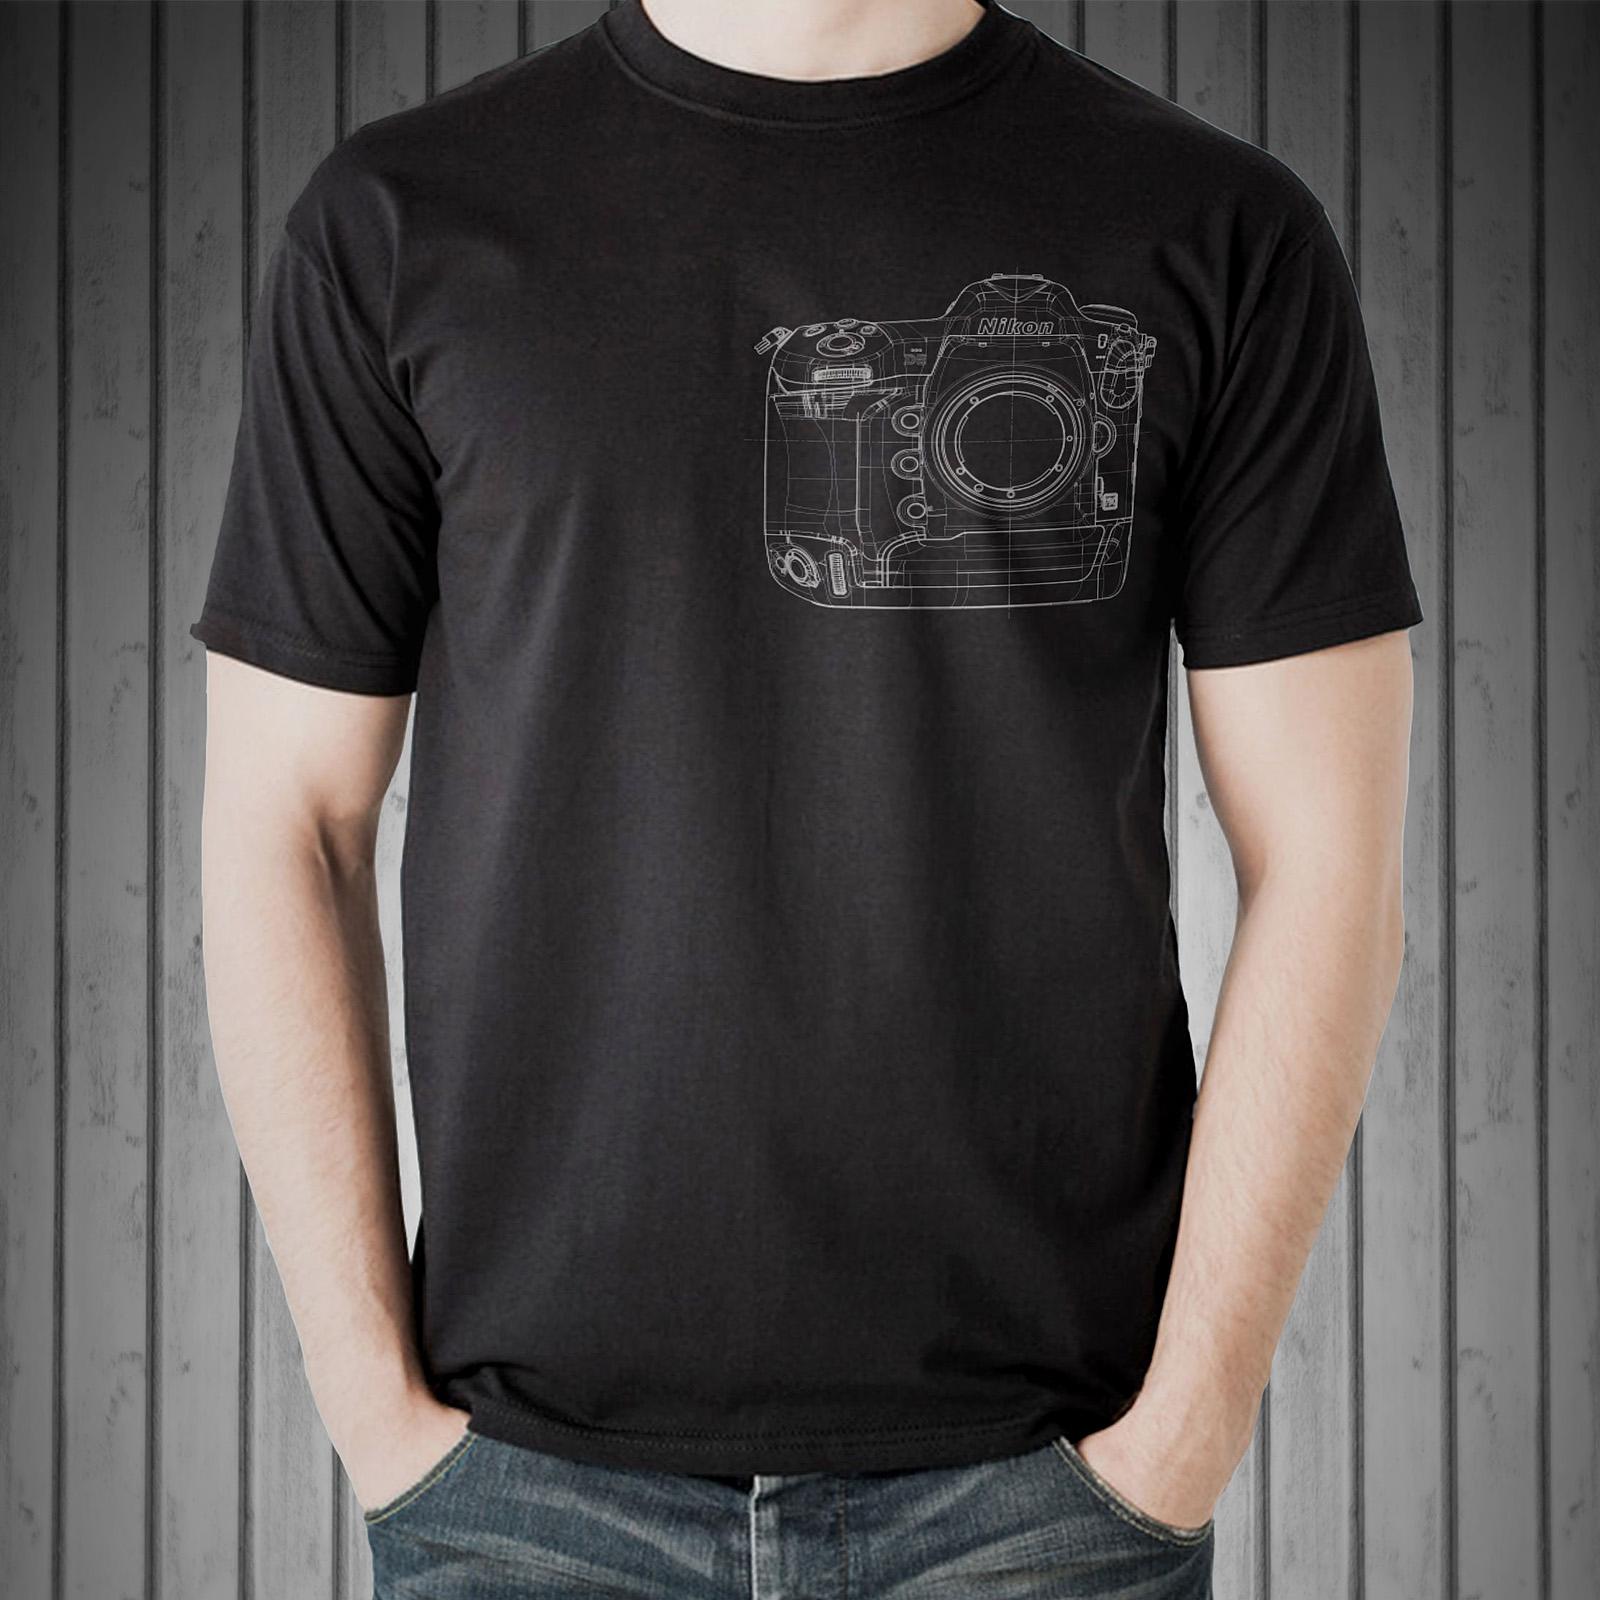 Tričko pro vítěze březnového kola